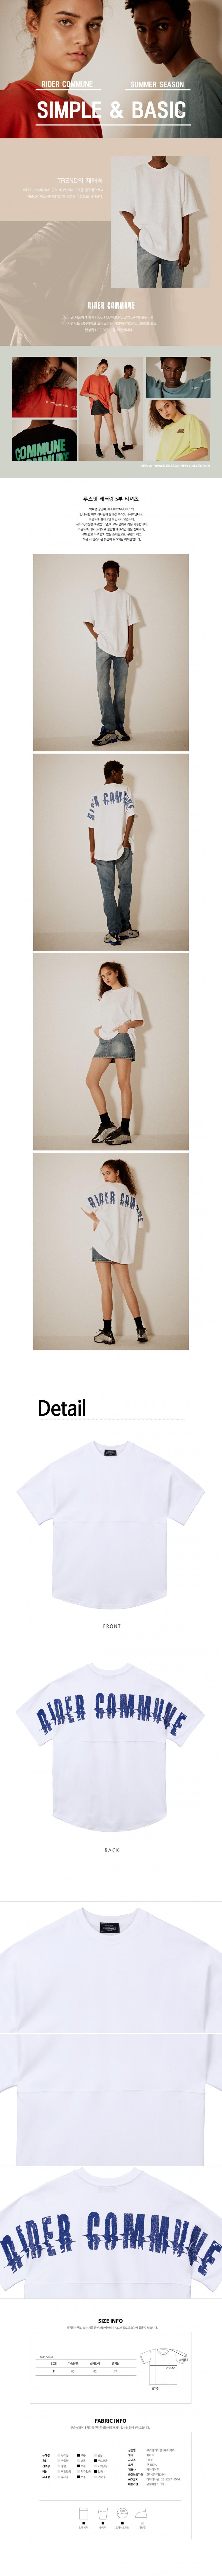 라이더커뮨(RIDER COMMUNE) 오버핏 라이더커뮨 시그니처 로고 티셔츠 -화이트 (남여공용)